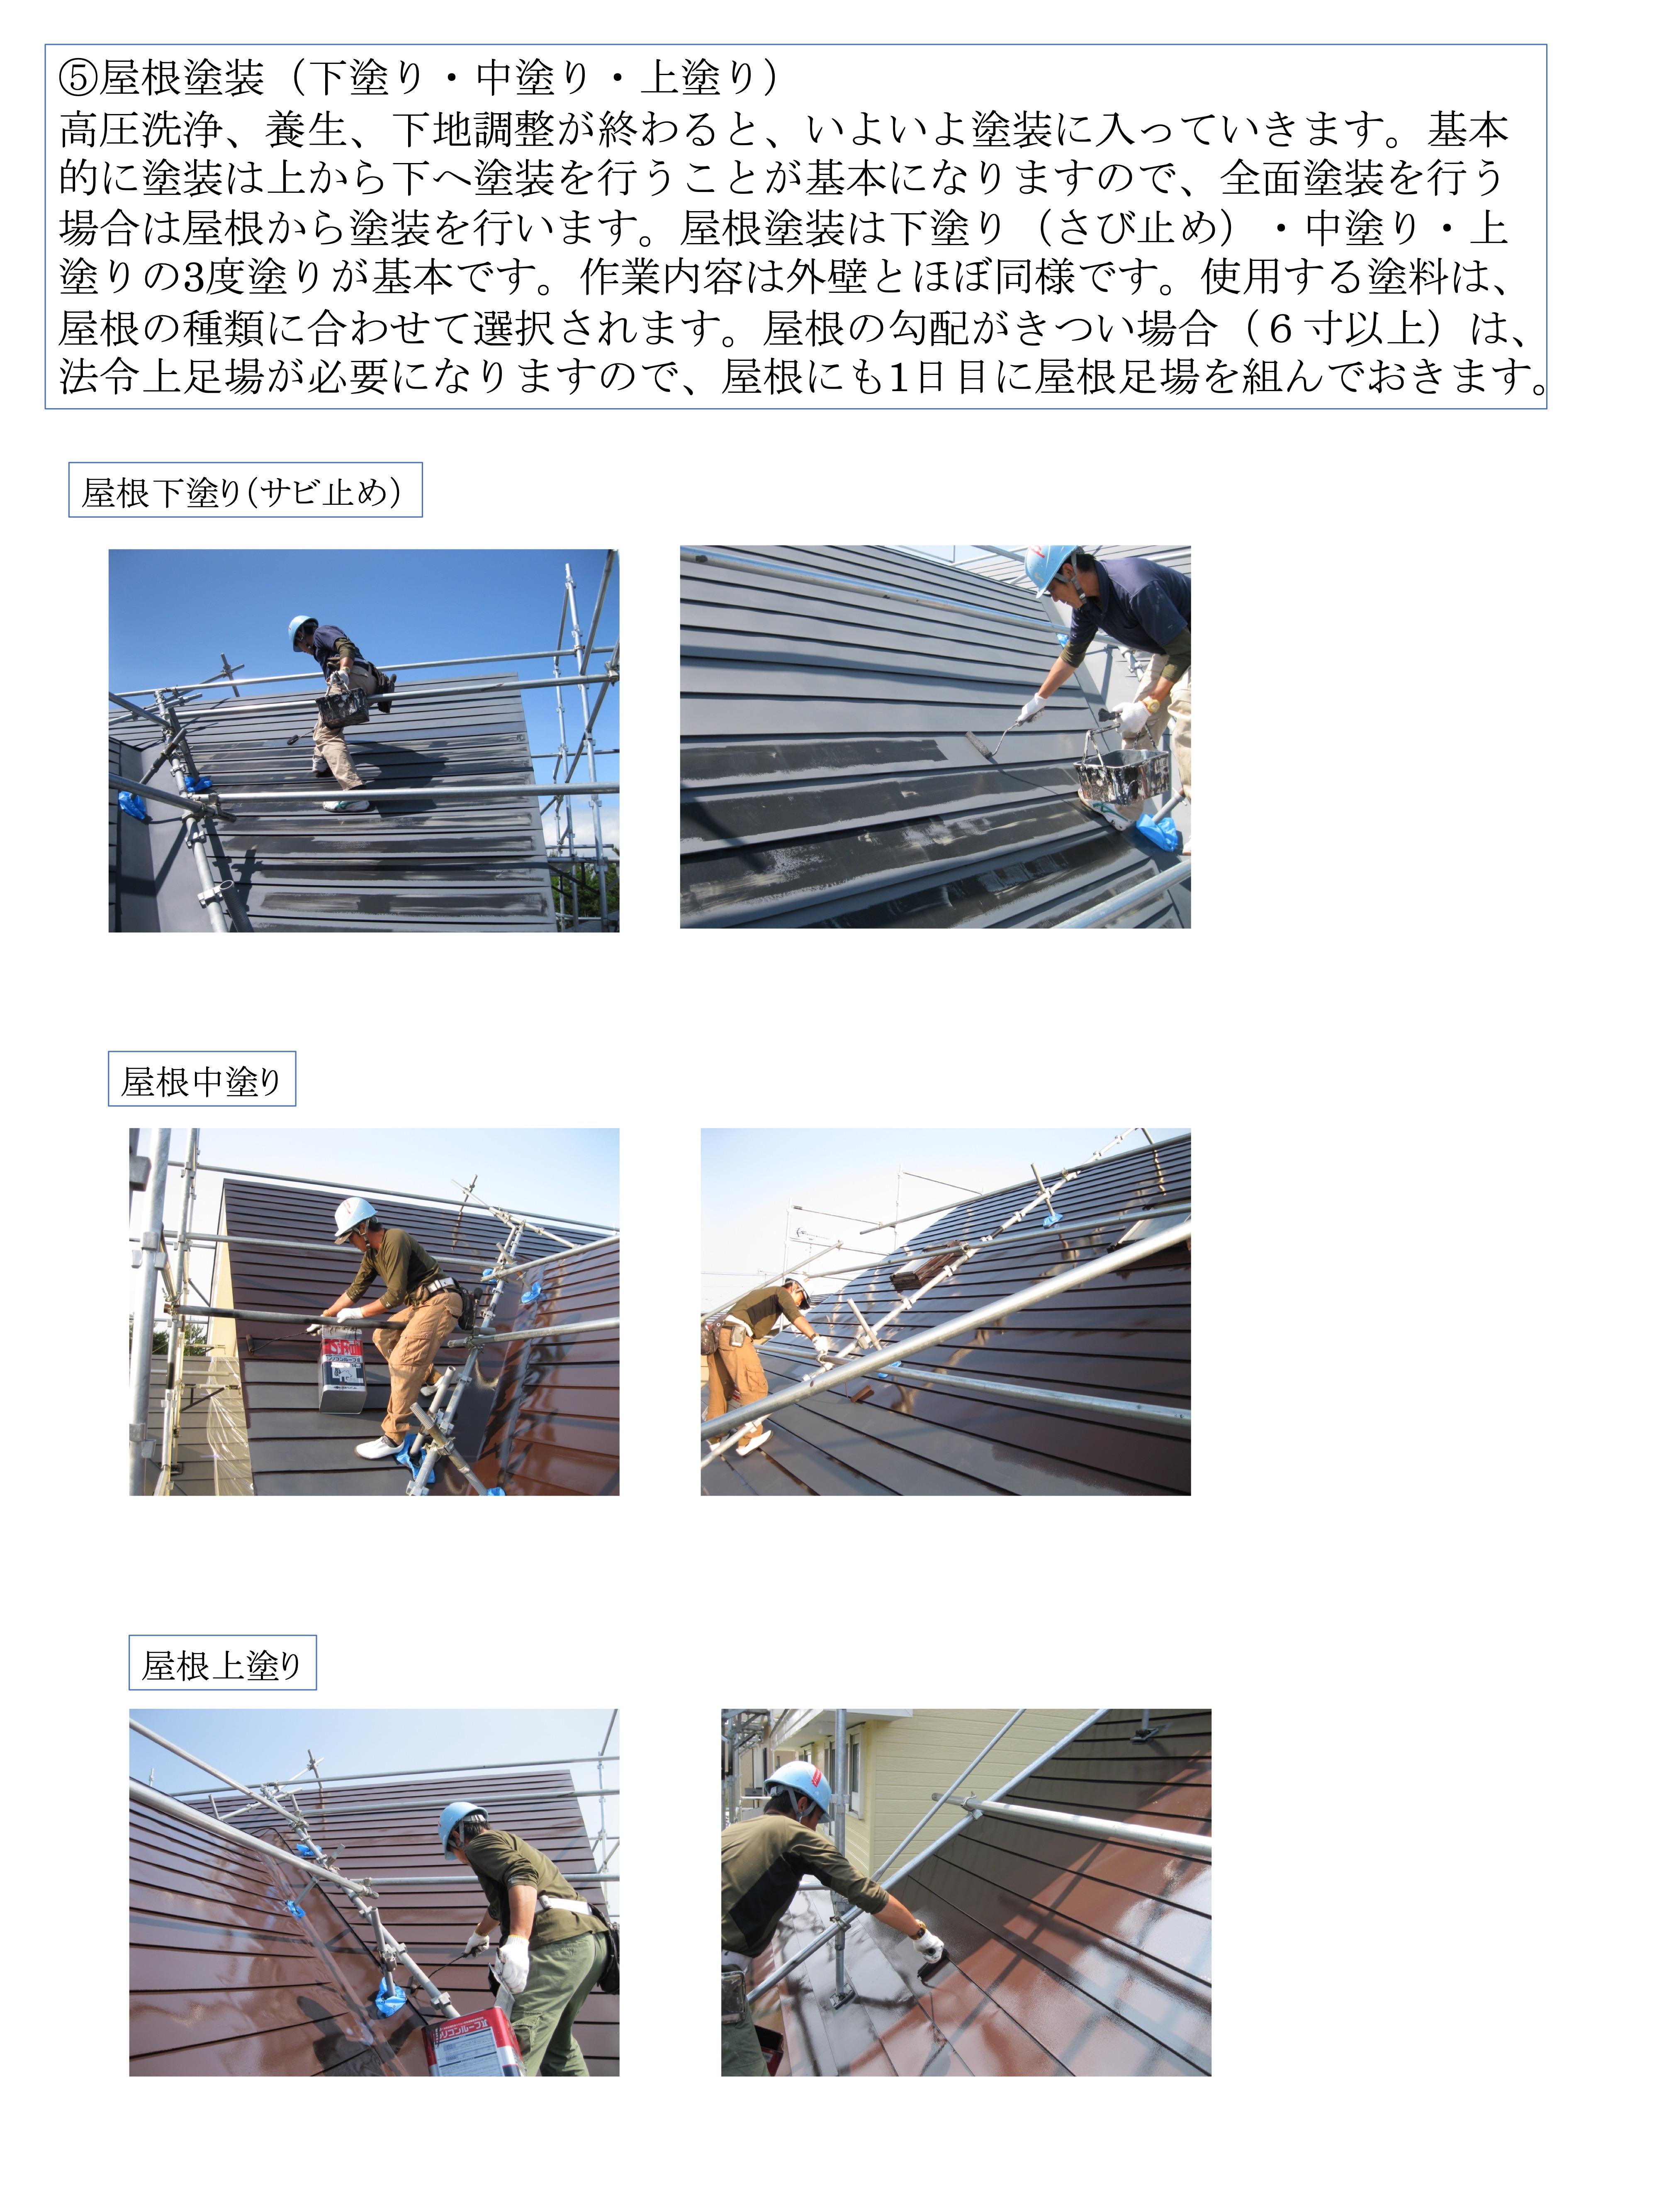 工事内容・流れ ホームページ用 5